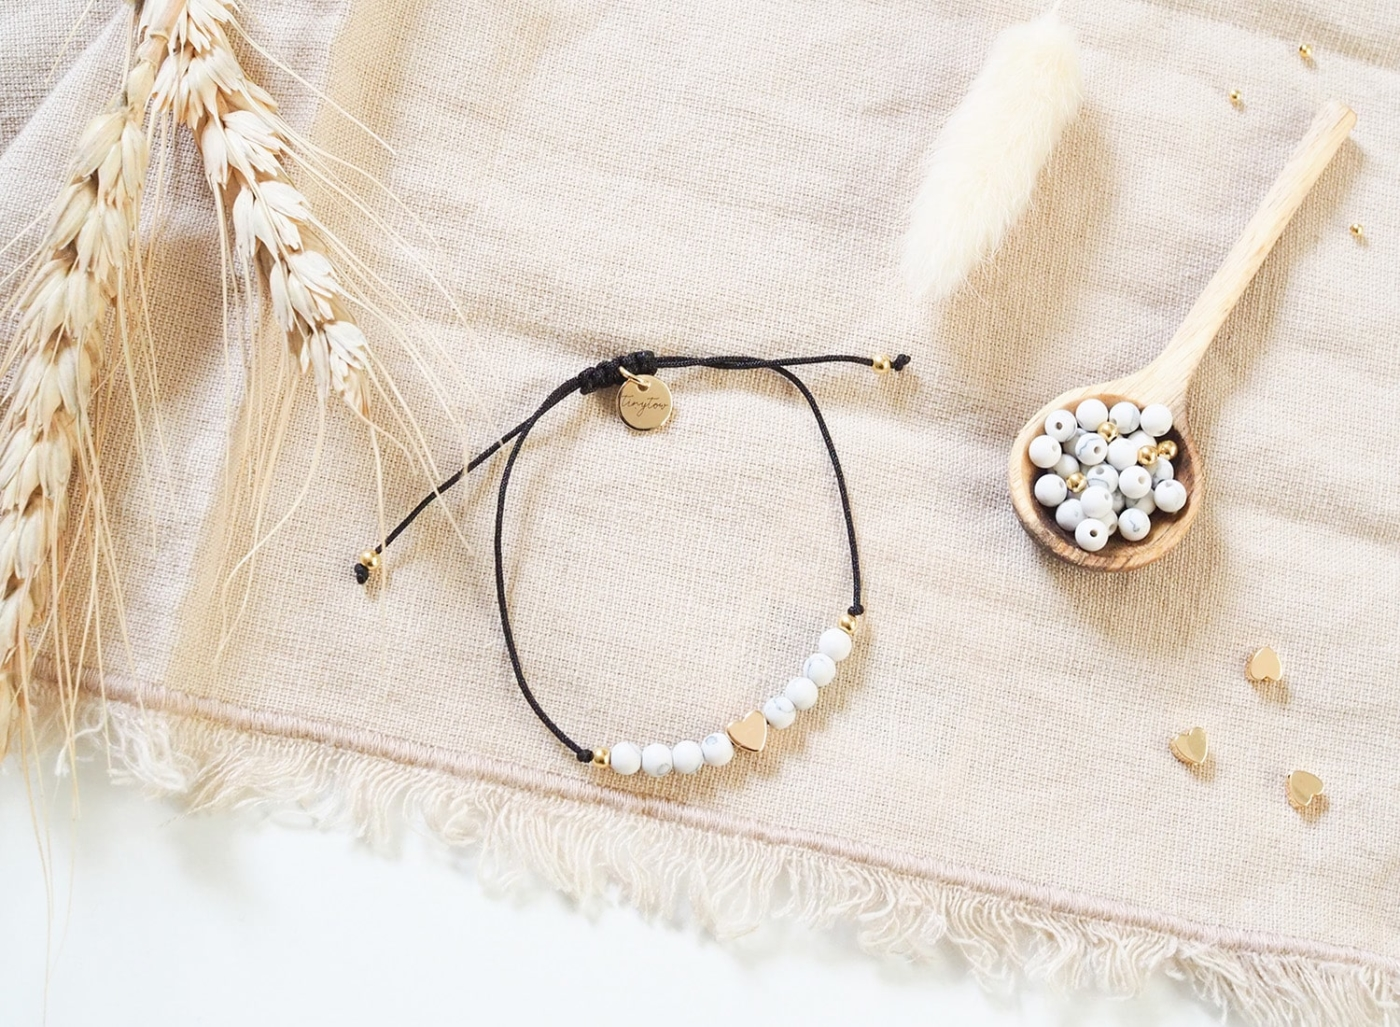 Armband aus weißen Natursteinperlen mit goldenem Herz, schwarzem Makramee-Band und Schiebeverschluss und edlen, goldenen Perlen mit 14k Gold Überzug.